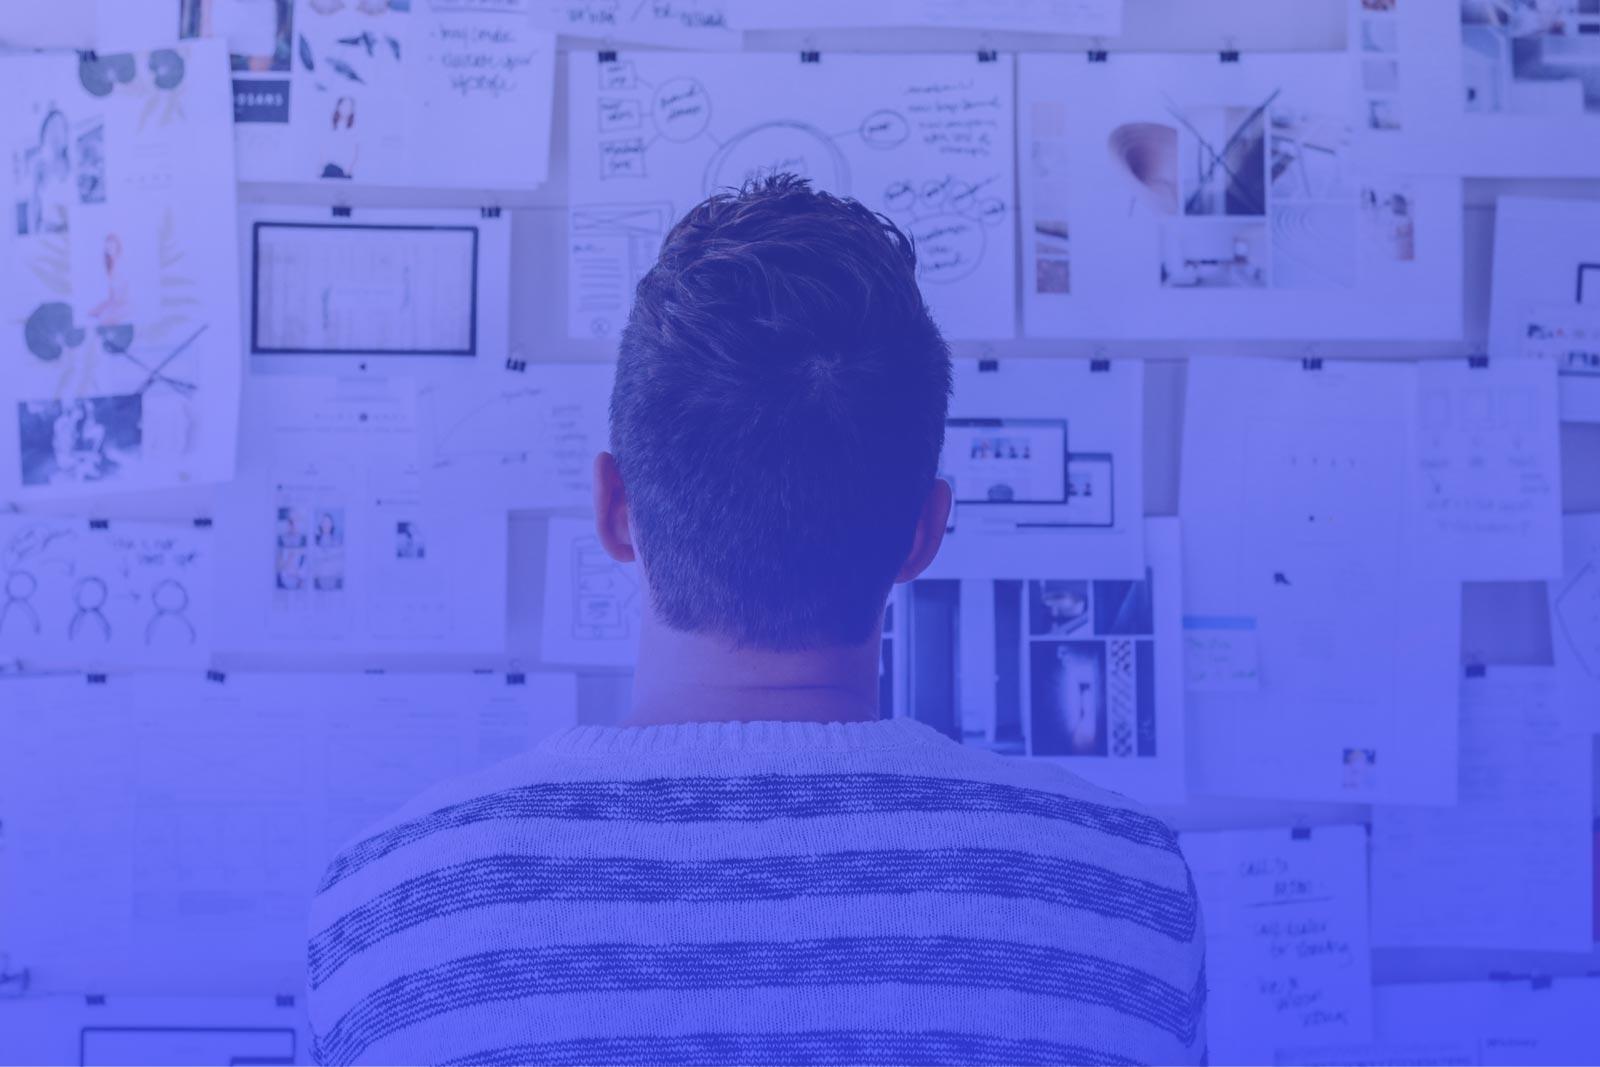 Designagentur beauftragen – 4 Gründe, warum Kunden uns als Design Agentur wählen